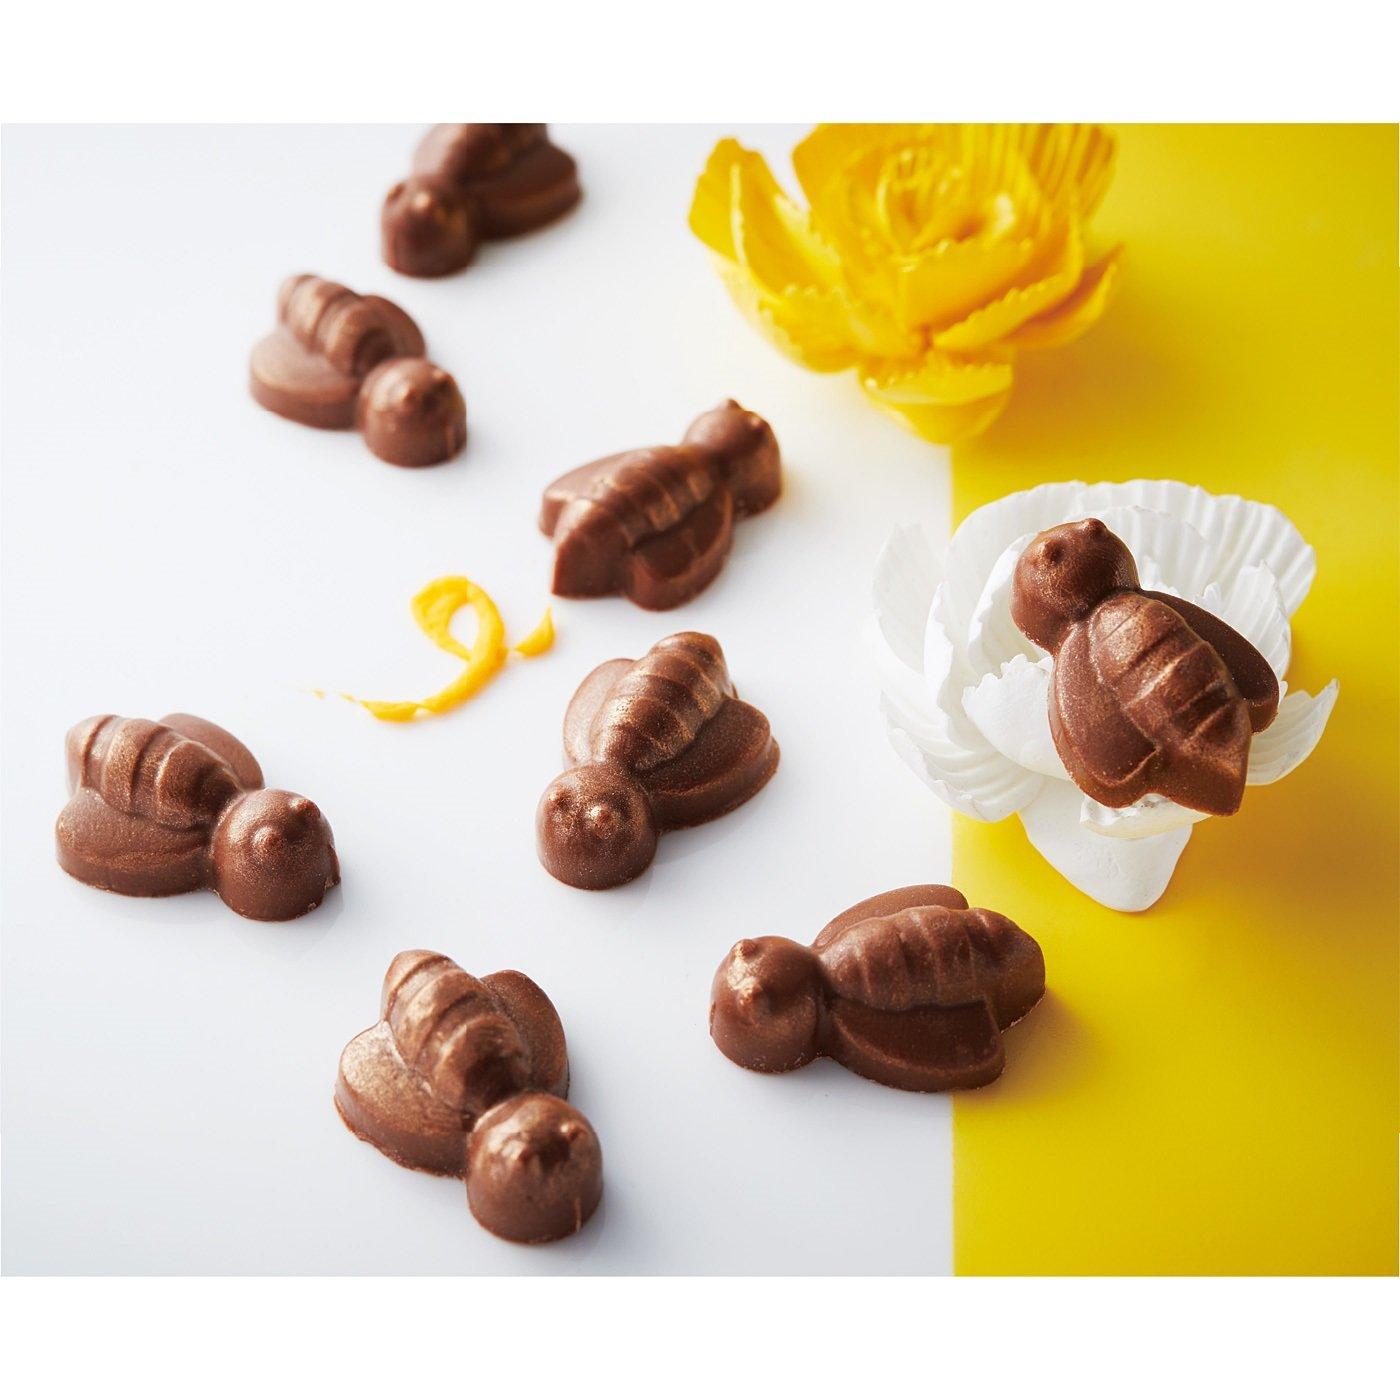 【ホワイトデイお届け】リュシファー はちみつチョコレート